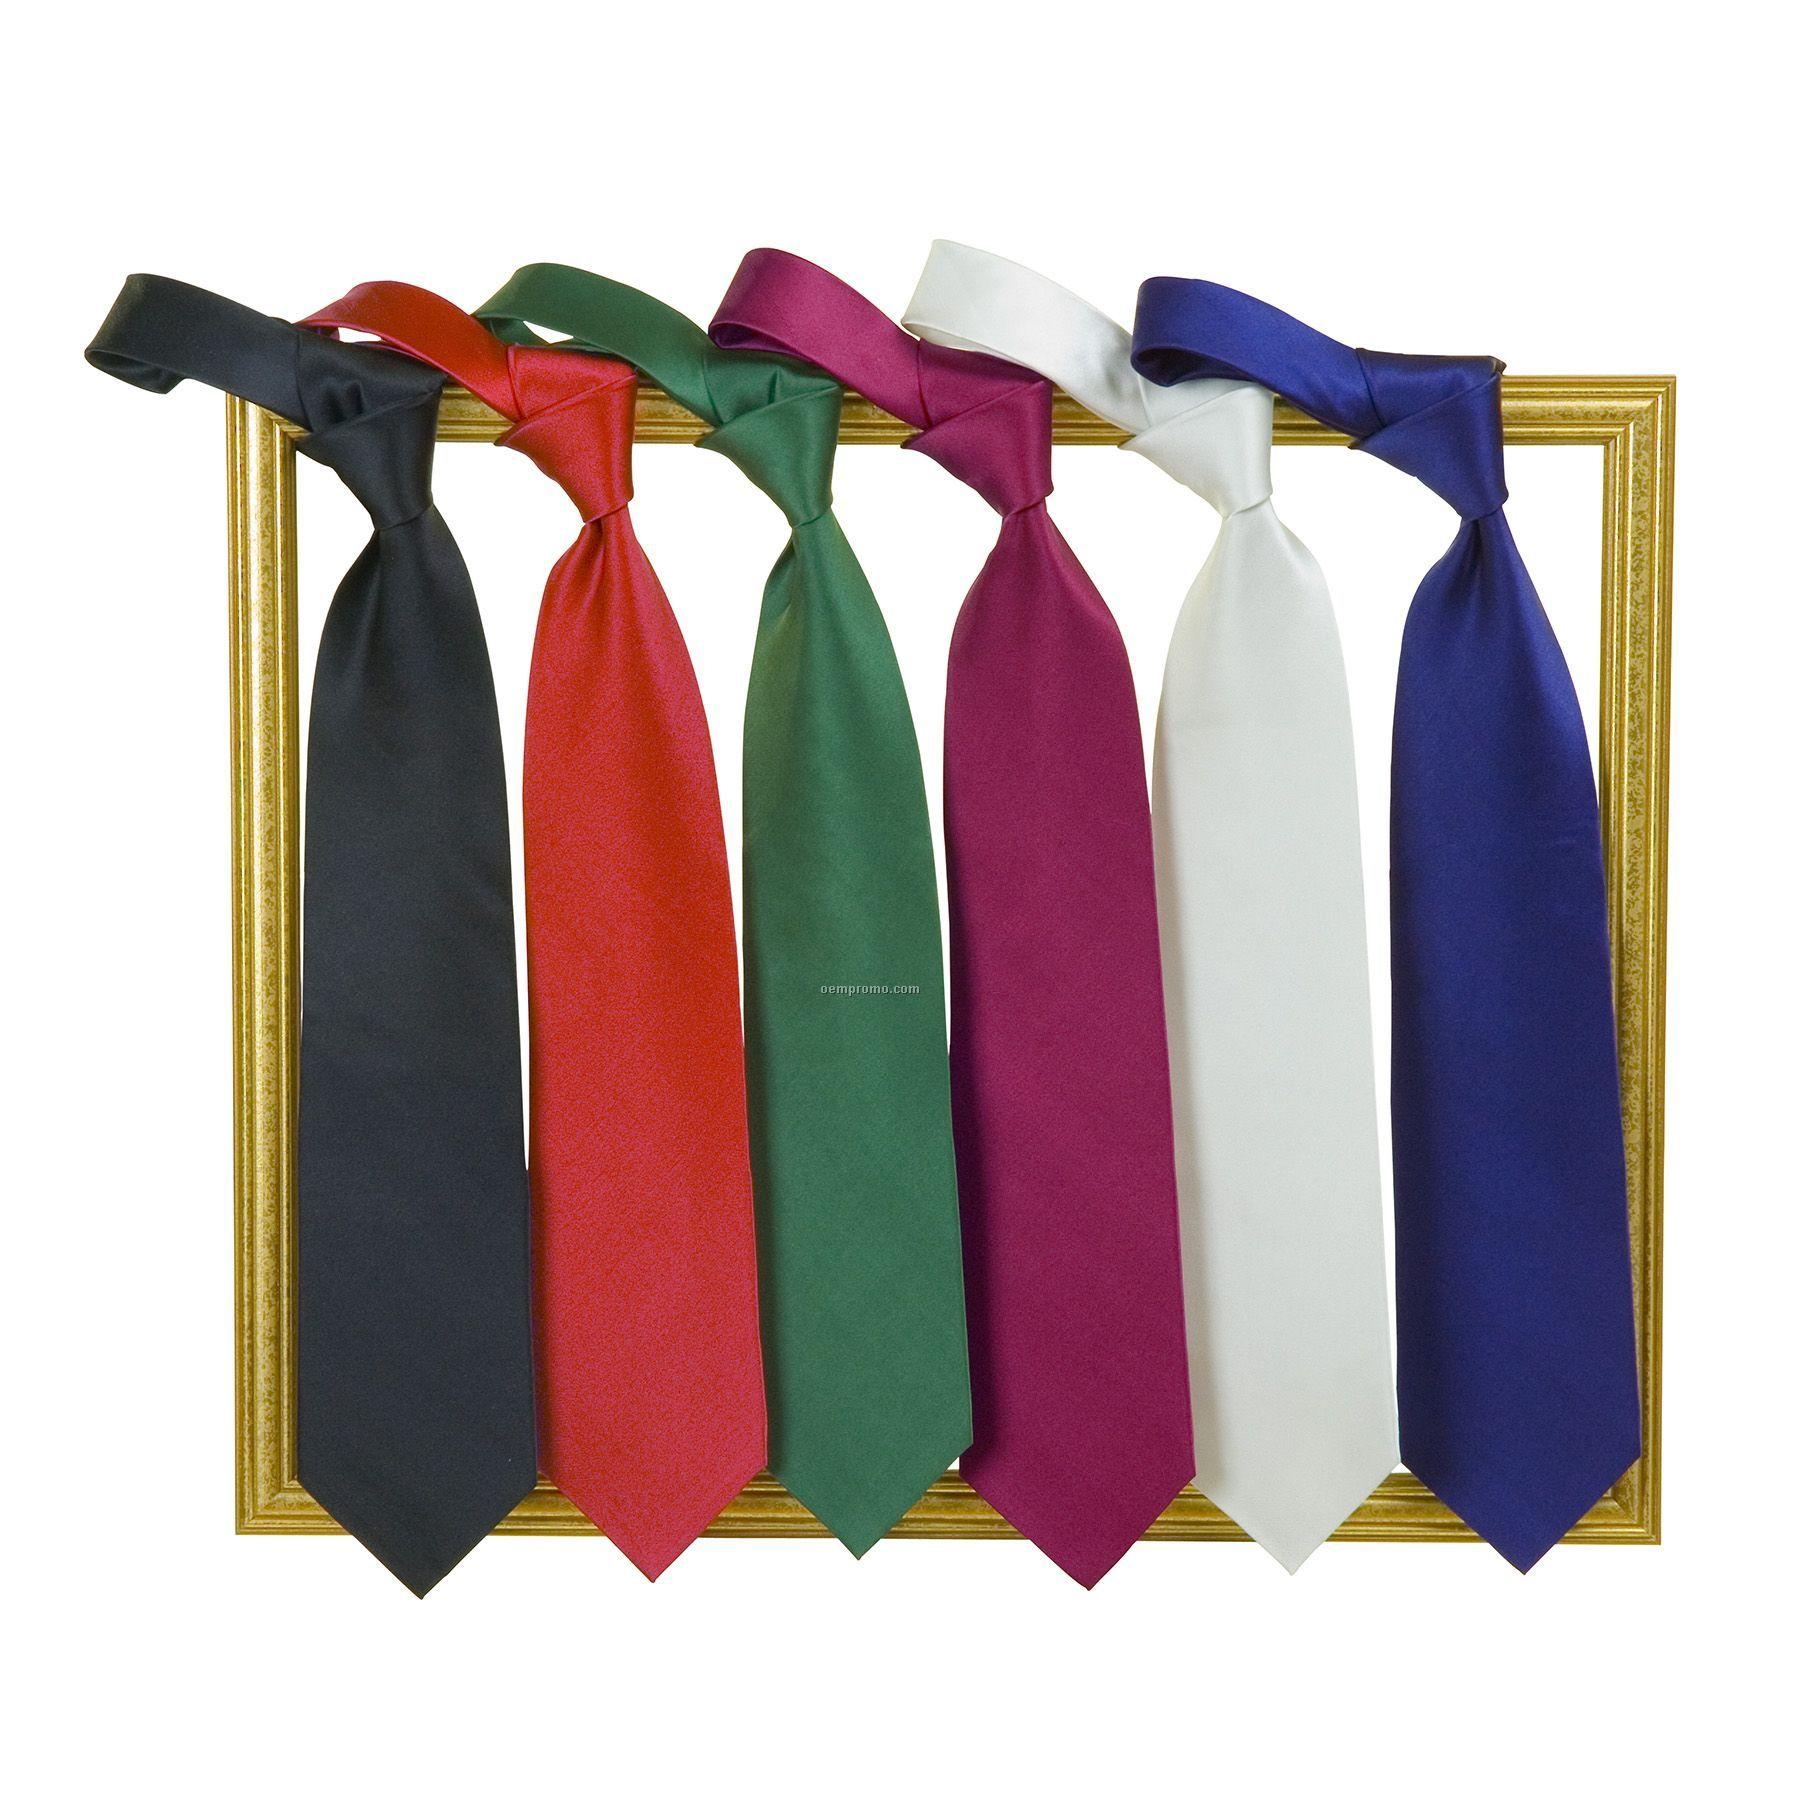 Solid Red Necktie - 100% Silk